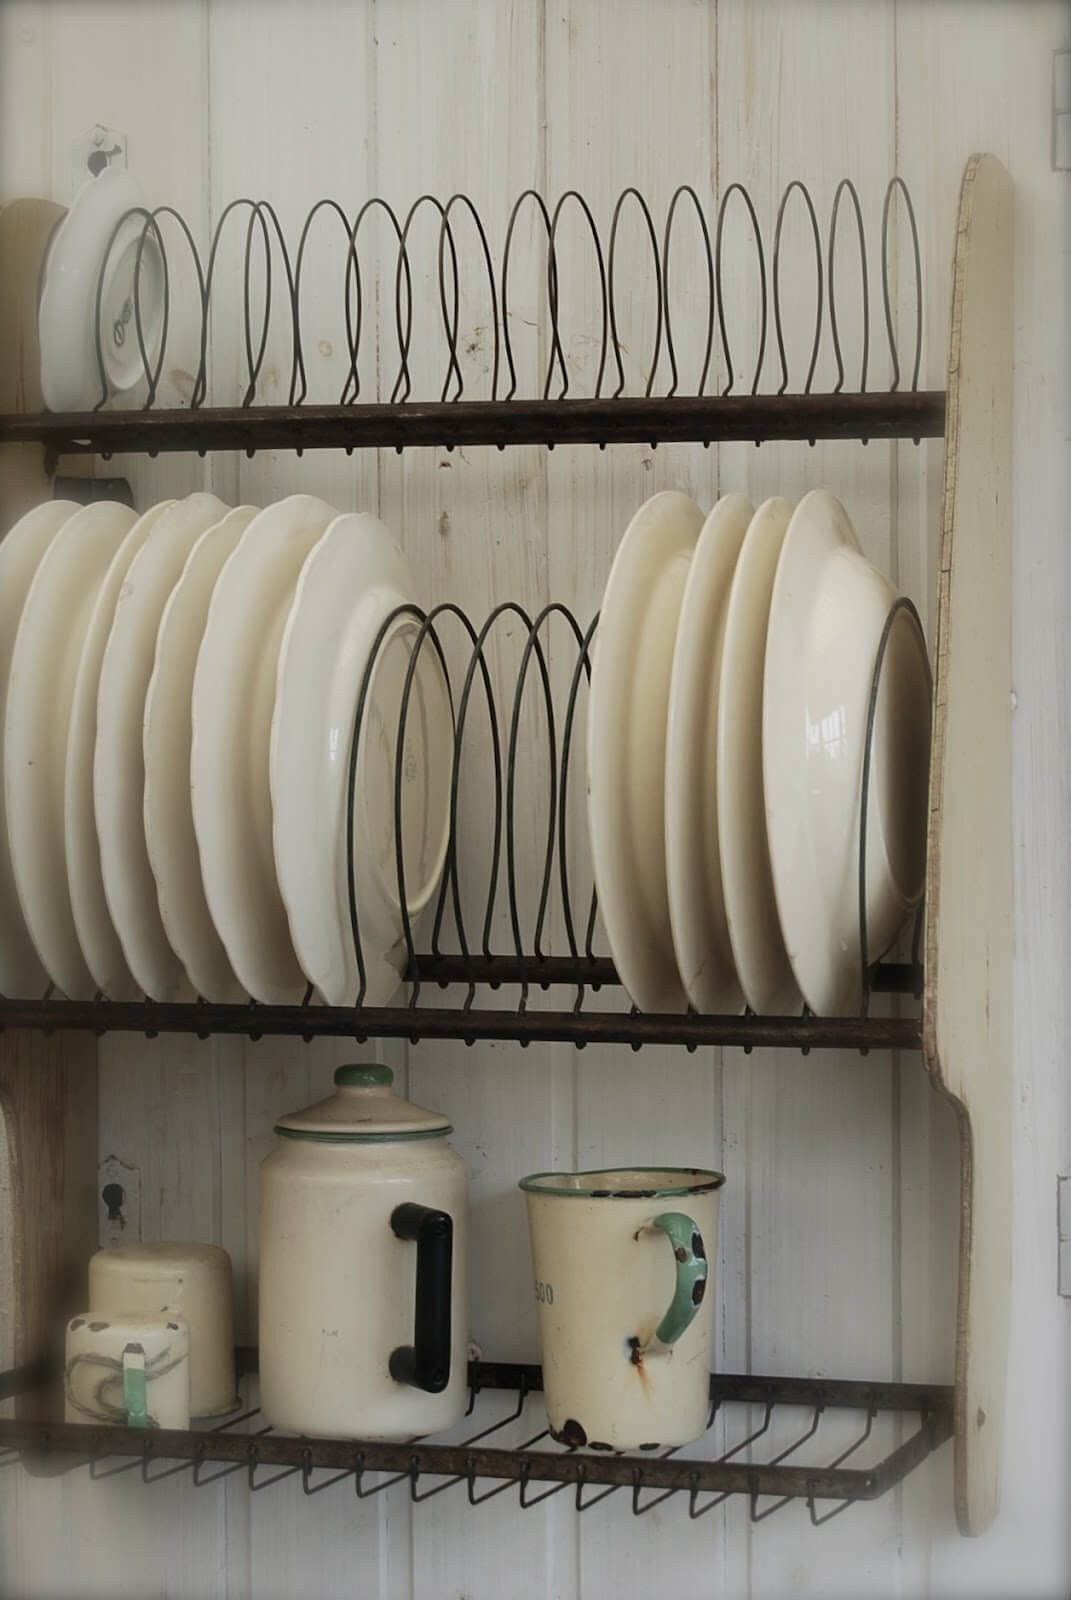 16. Vintage Style Plate Rack